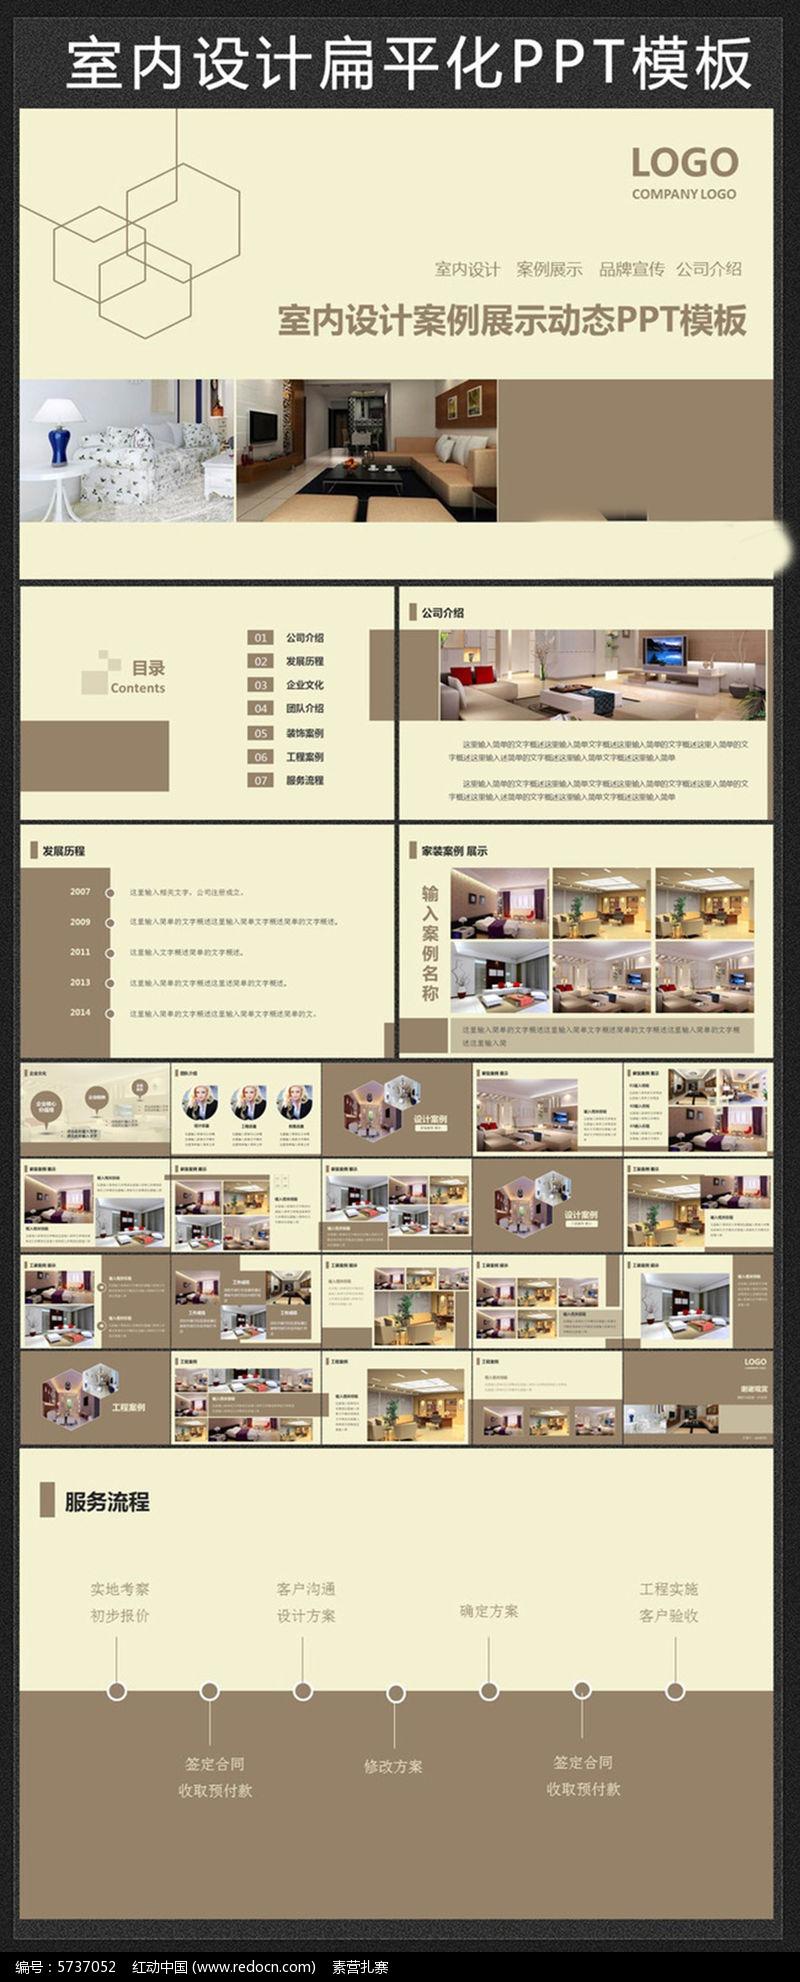 企业宣传ppt模板室内设计ppt案例展示